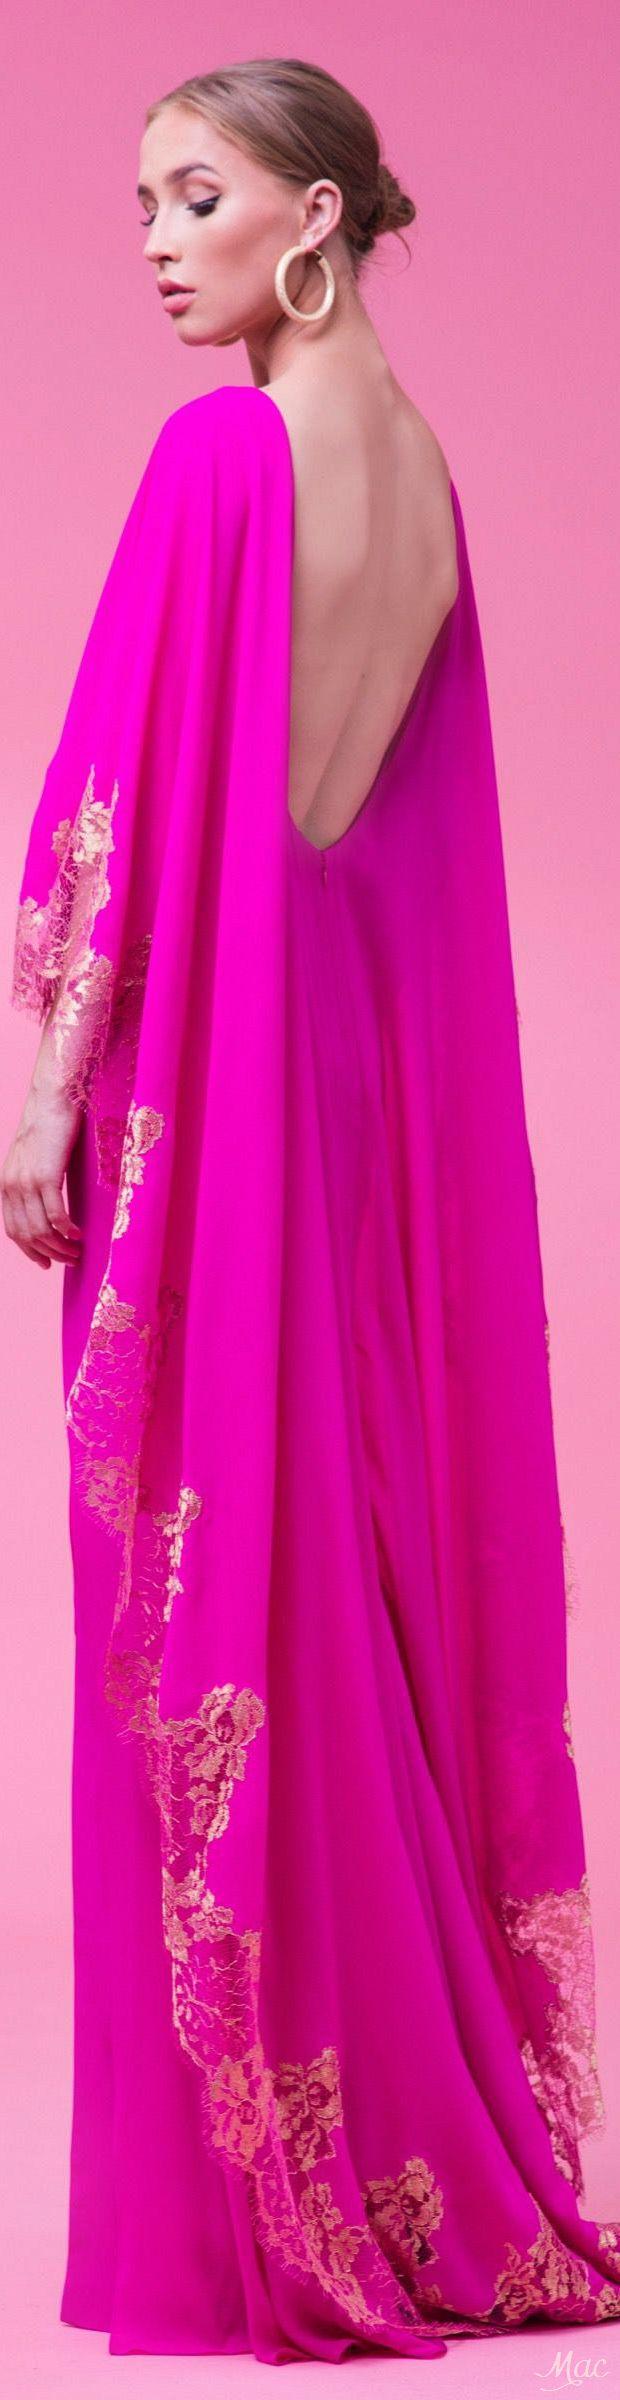 www.2locos.com  Spring 2017 Ready-to-Wear Rani Zakhem